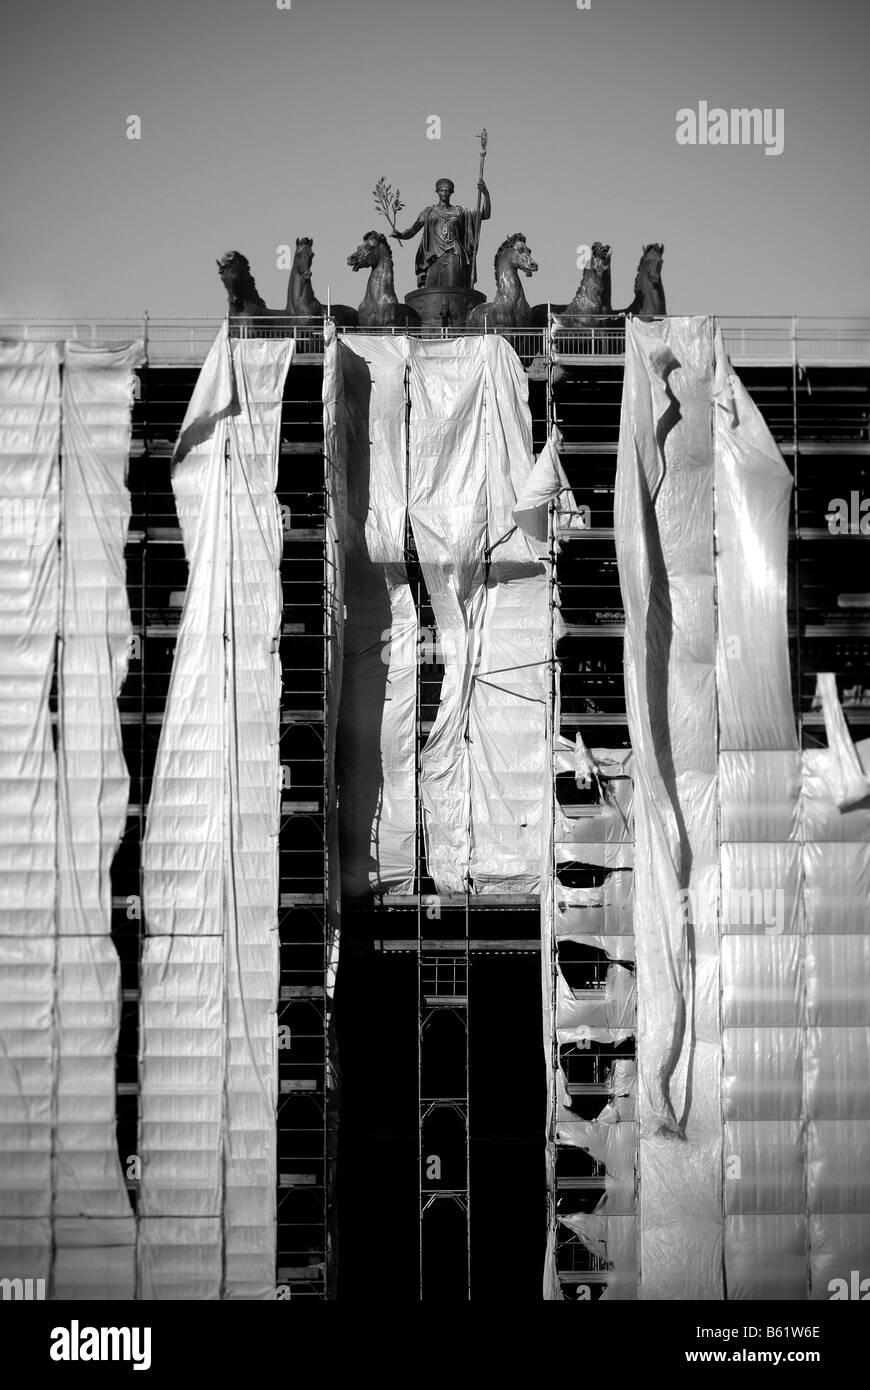 Milano, Arco della Pace dettaglio Immagini Stock